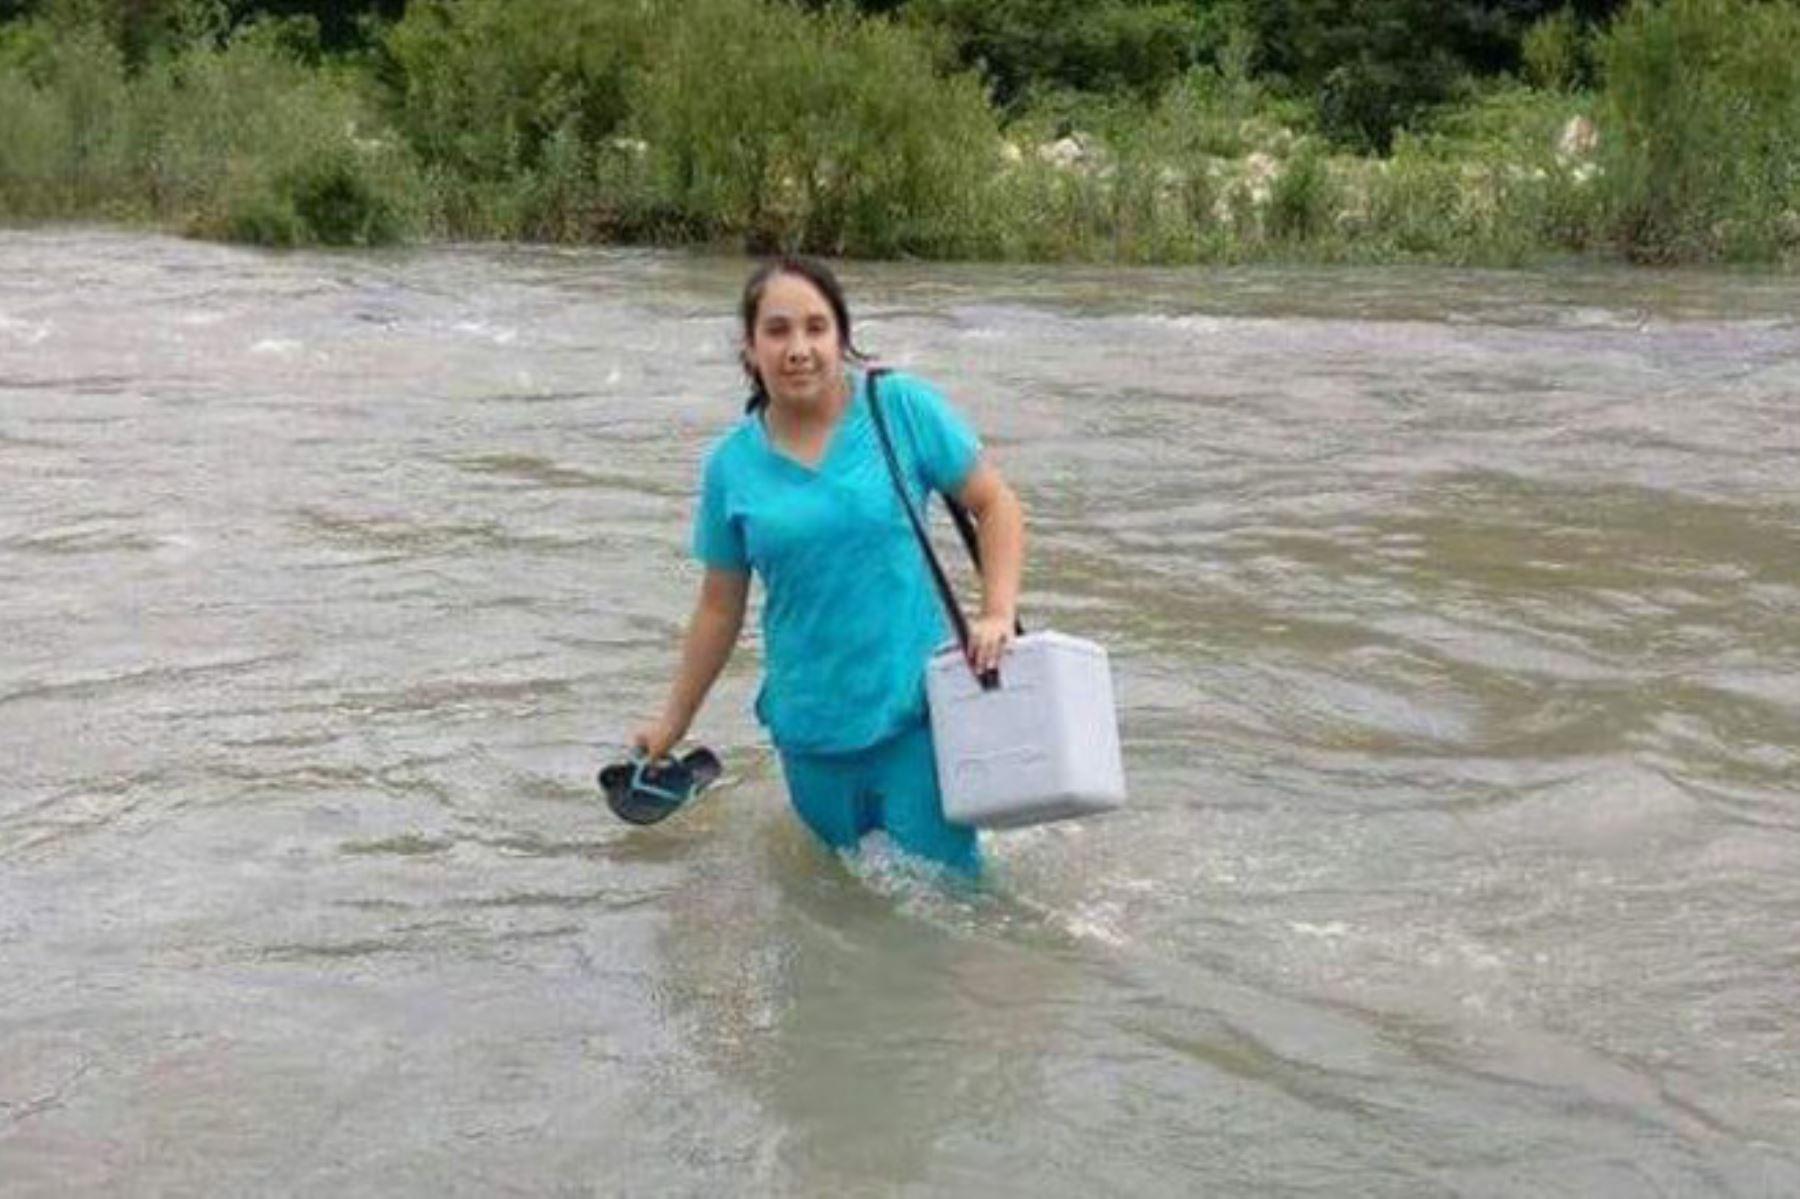 La enfermera Edid Chumacero cruzó un crecido río y caminó por trochas para llegar a la provincia de Morropón, en la sierra de Piura, y salvar a un recién nacido.